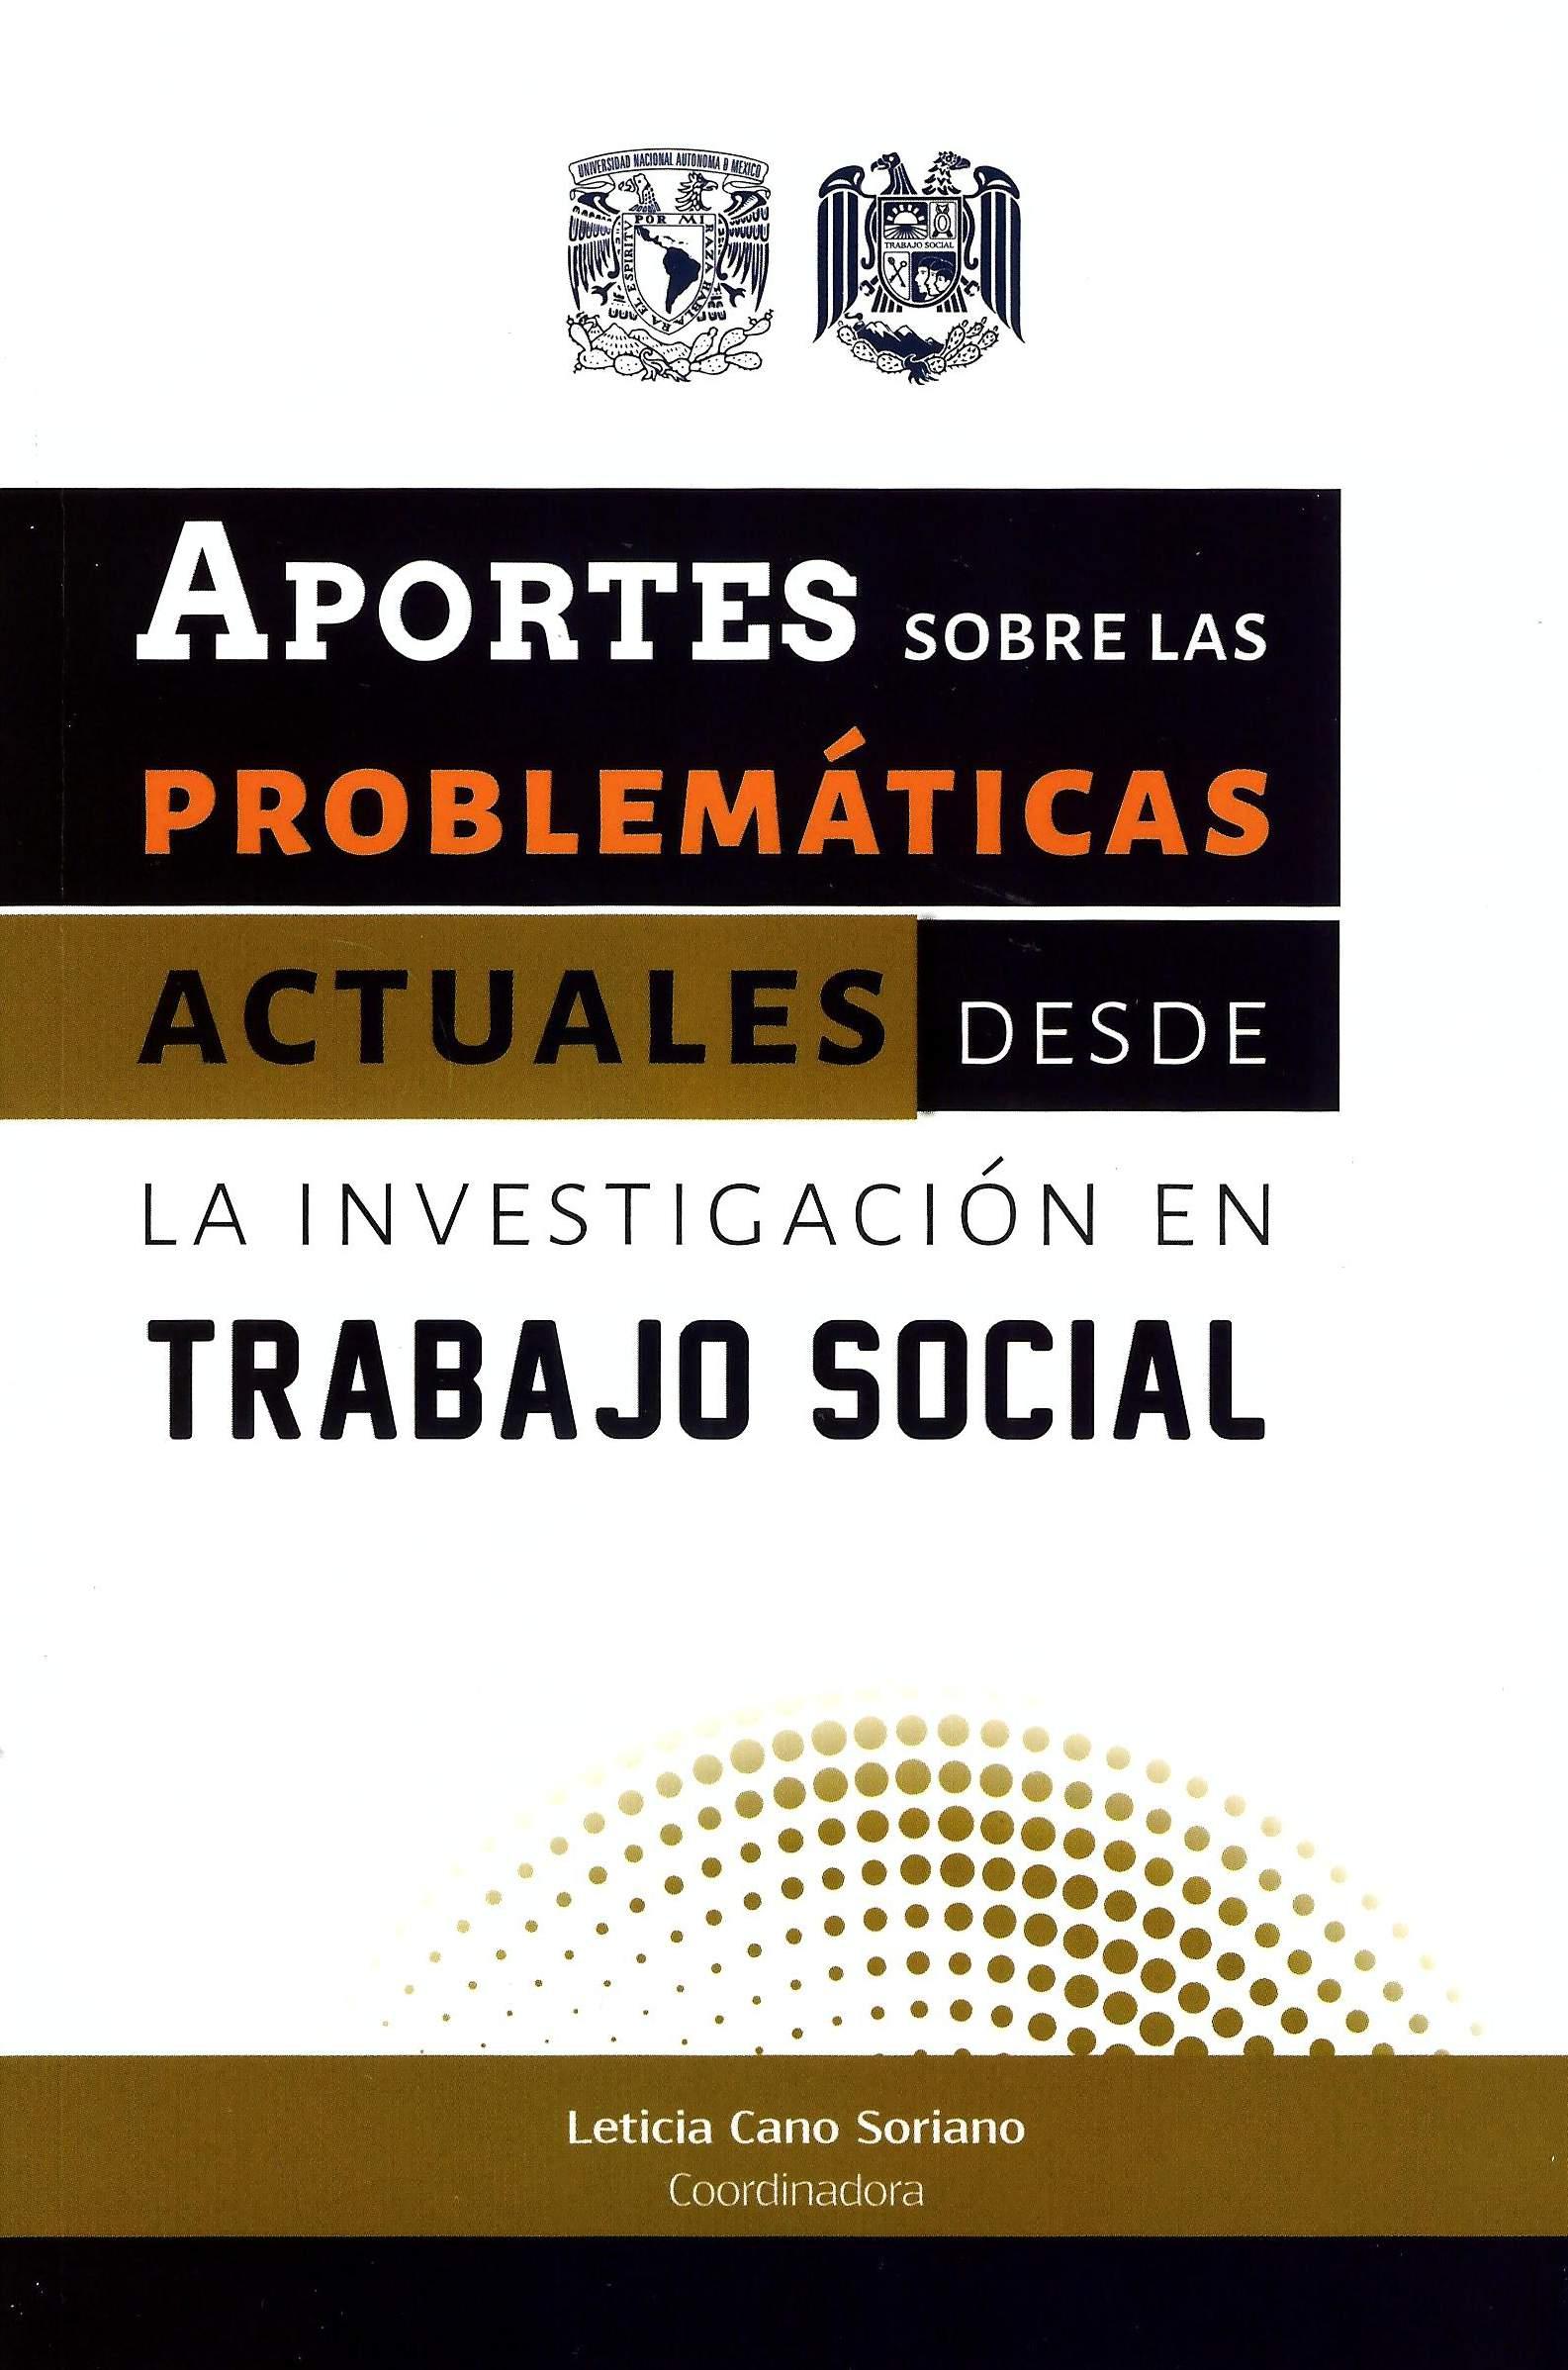 Aportes sobre las problemáticas actuales desde la investigación en trabajo social